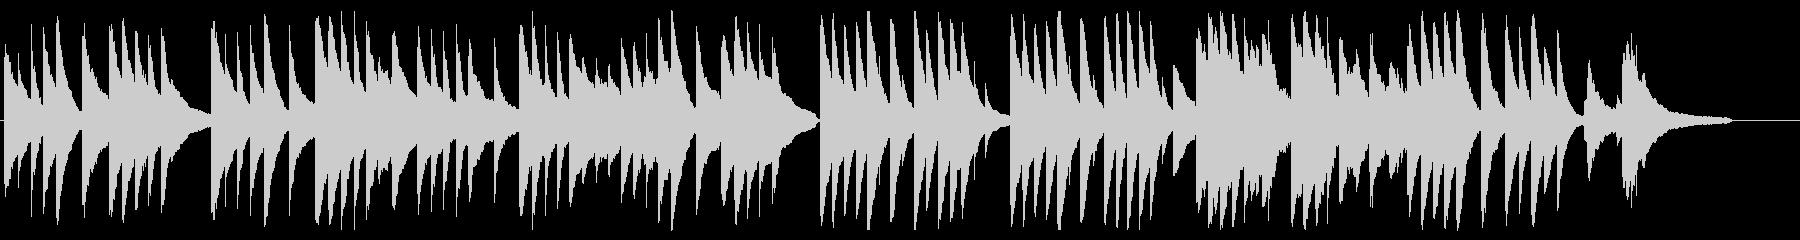 月の光に ピアノver.の未再生の波形